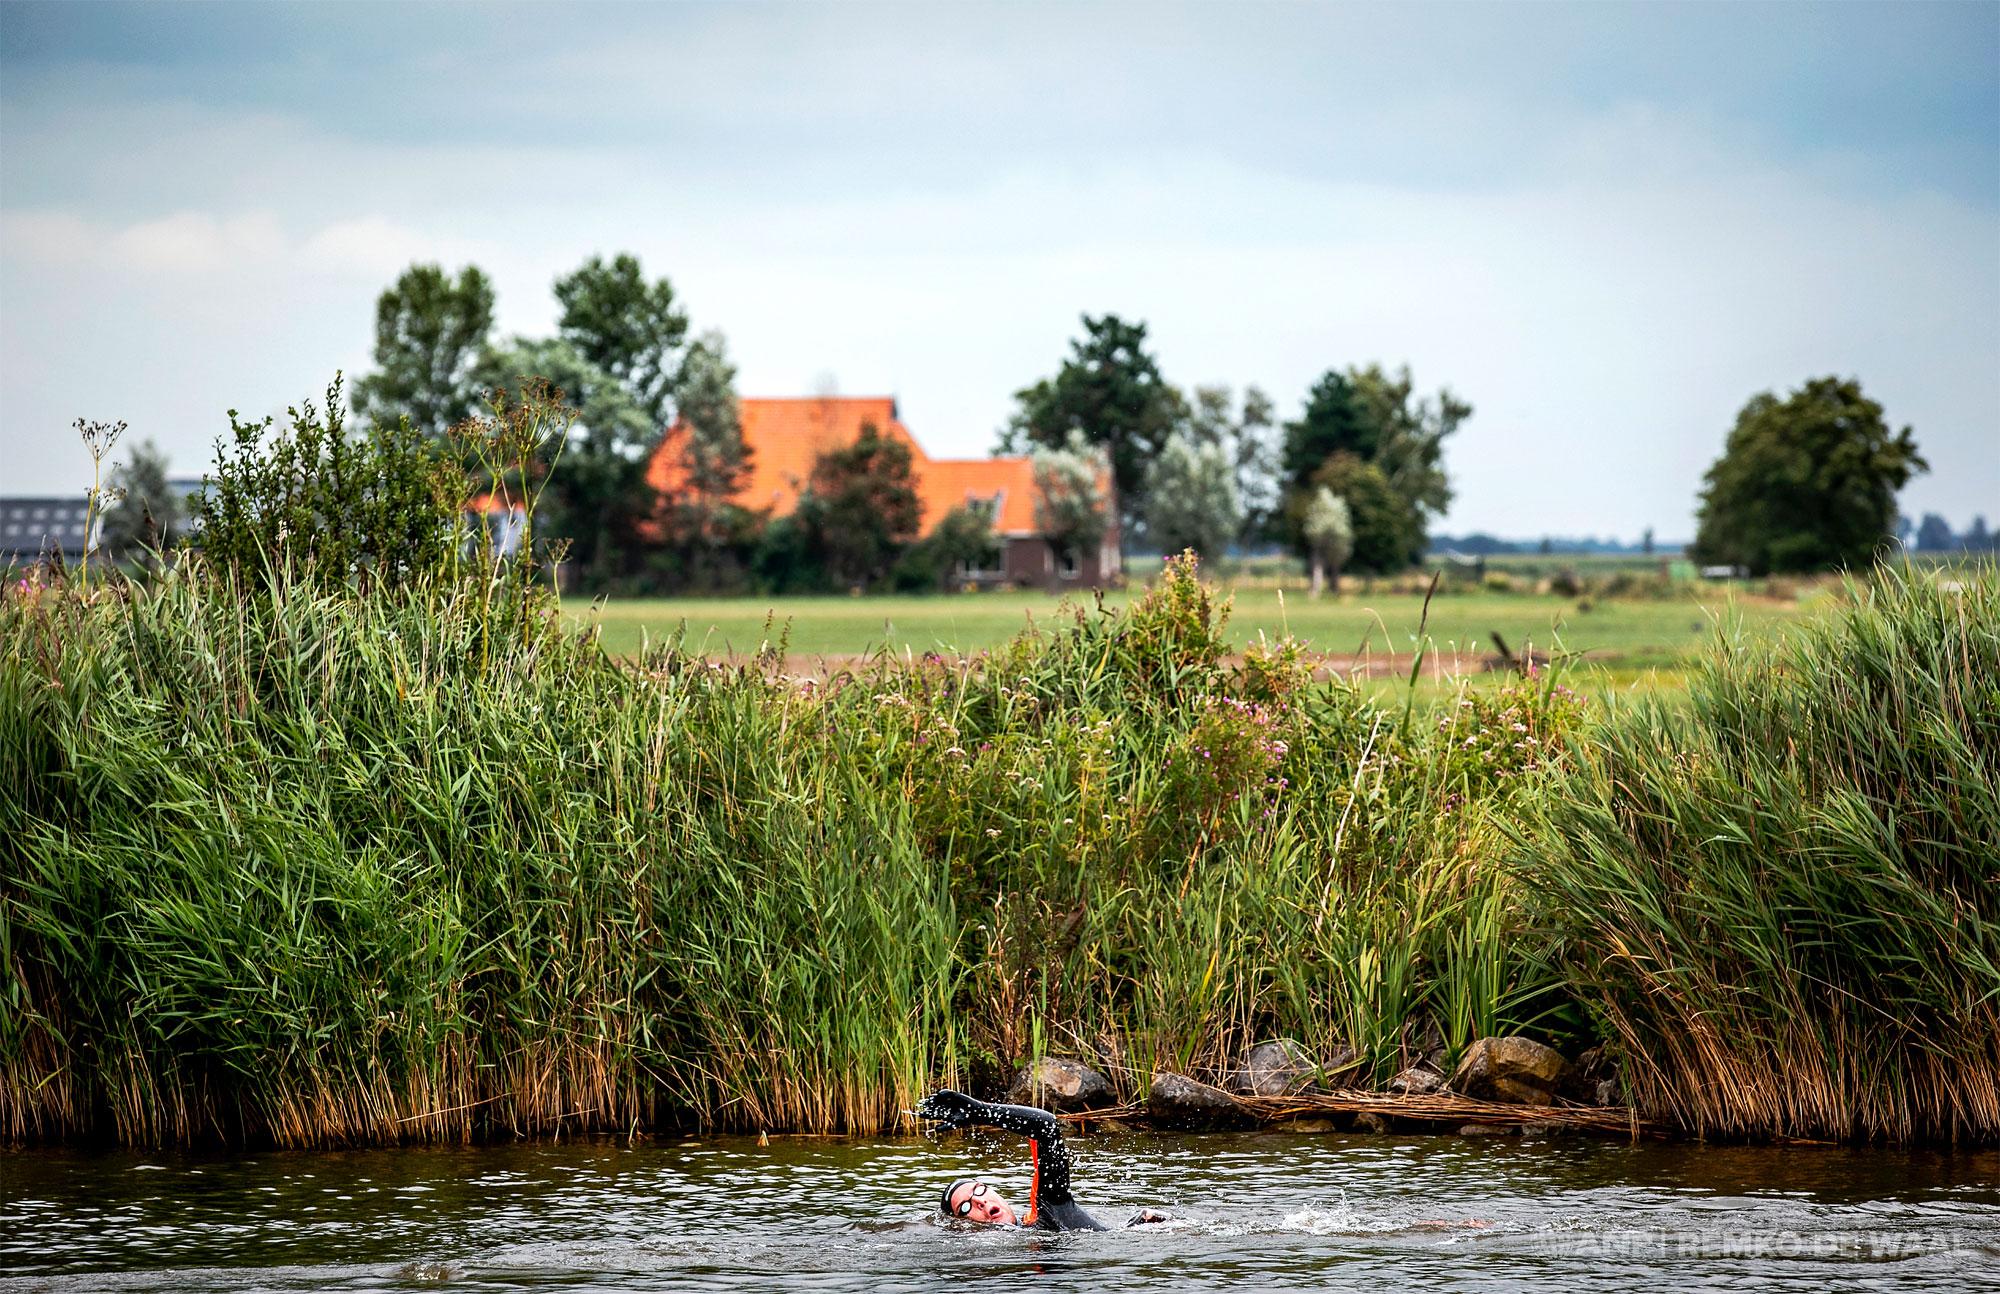 Olympisch zwemkampioen Maarten van der Weijden op de eerste dag van zijn 11stedenzwemtocht ter hoogte van Sloten.